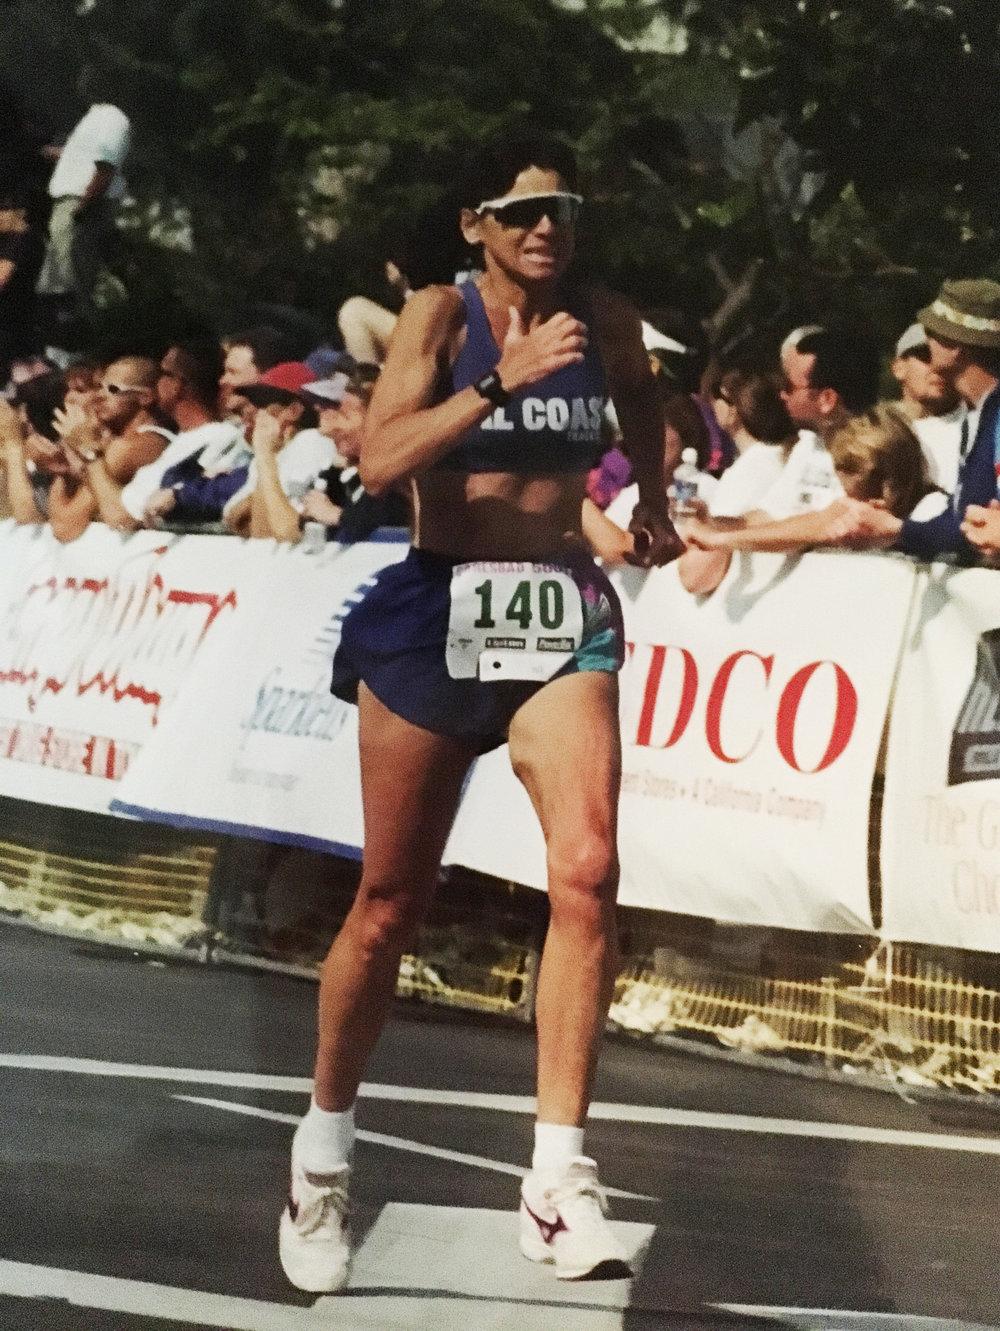 Marinarunning.jpg